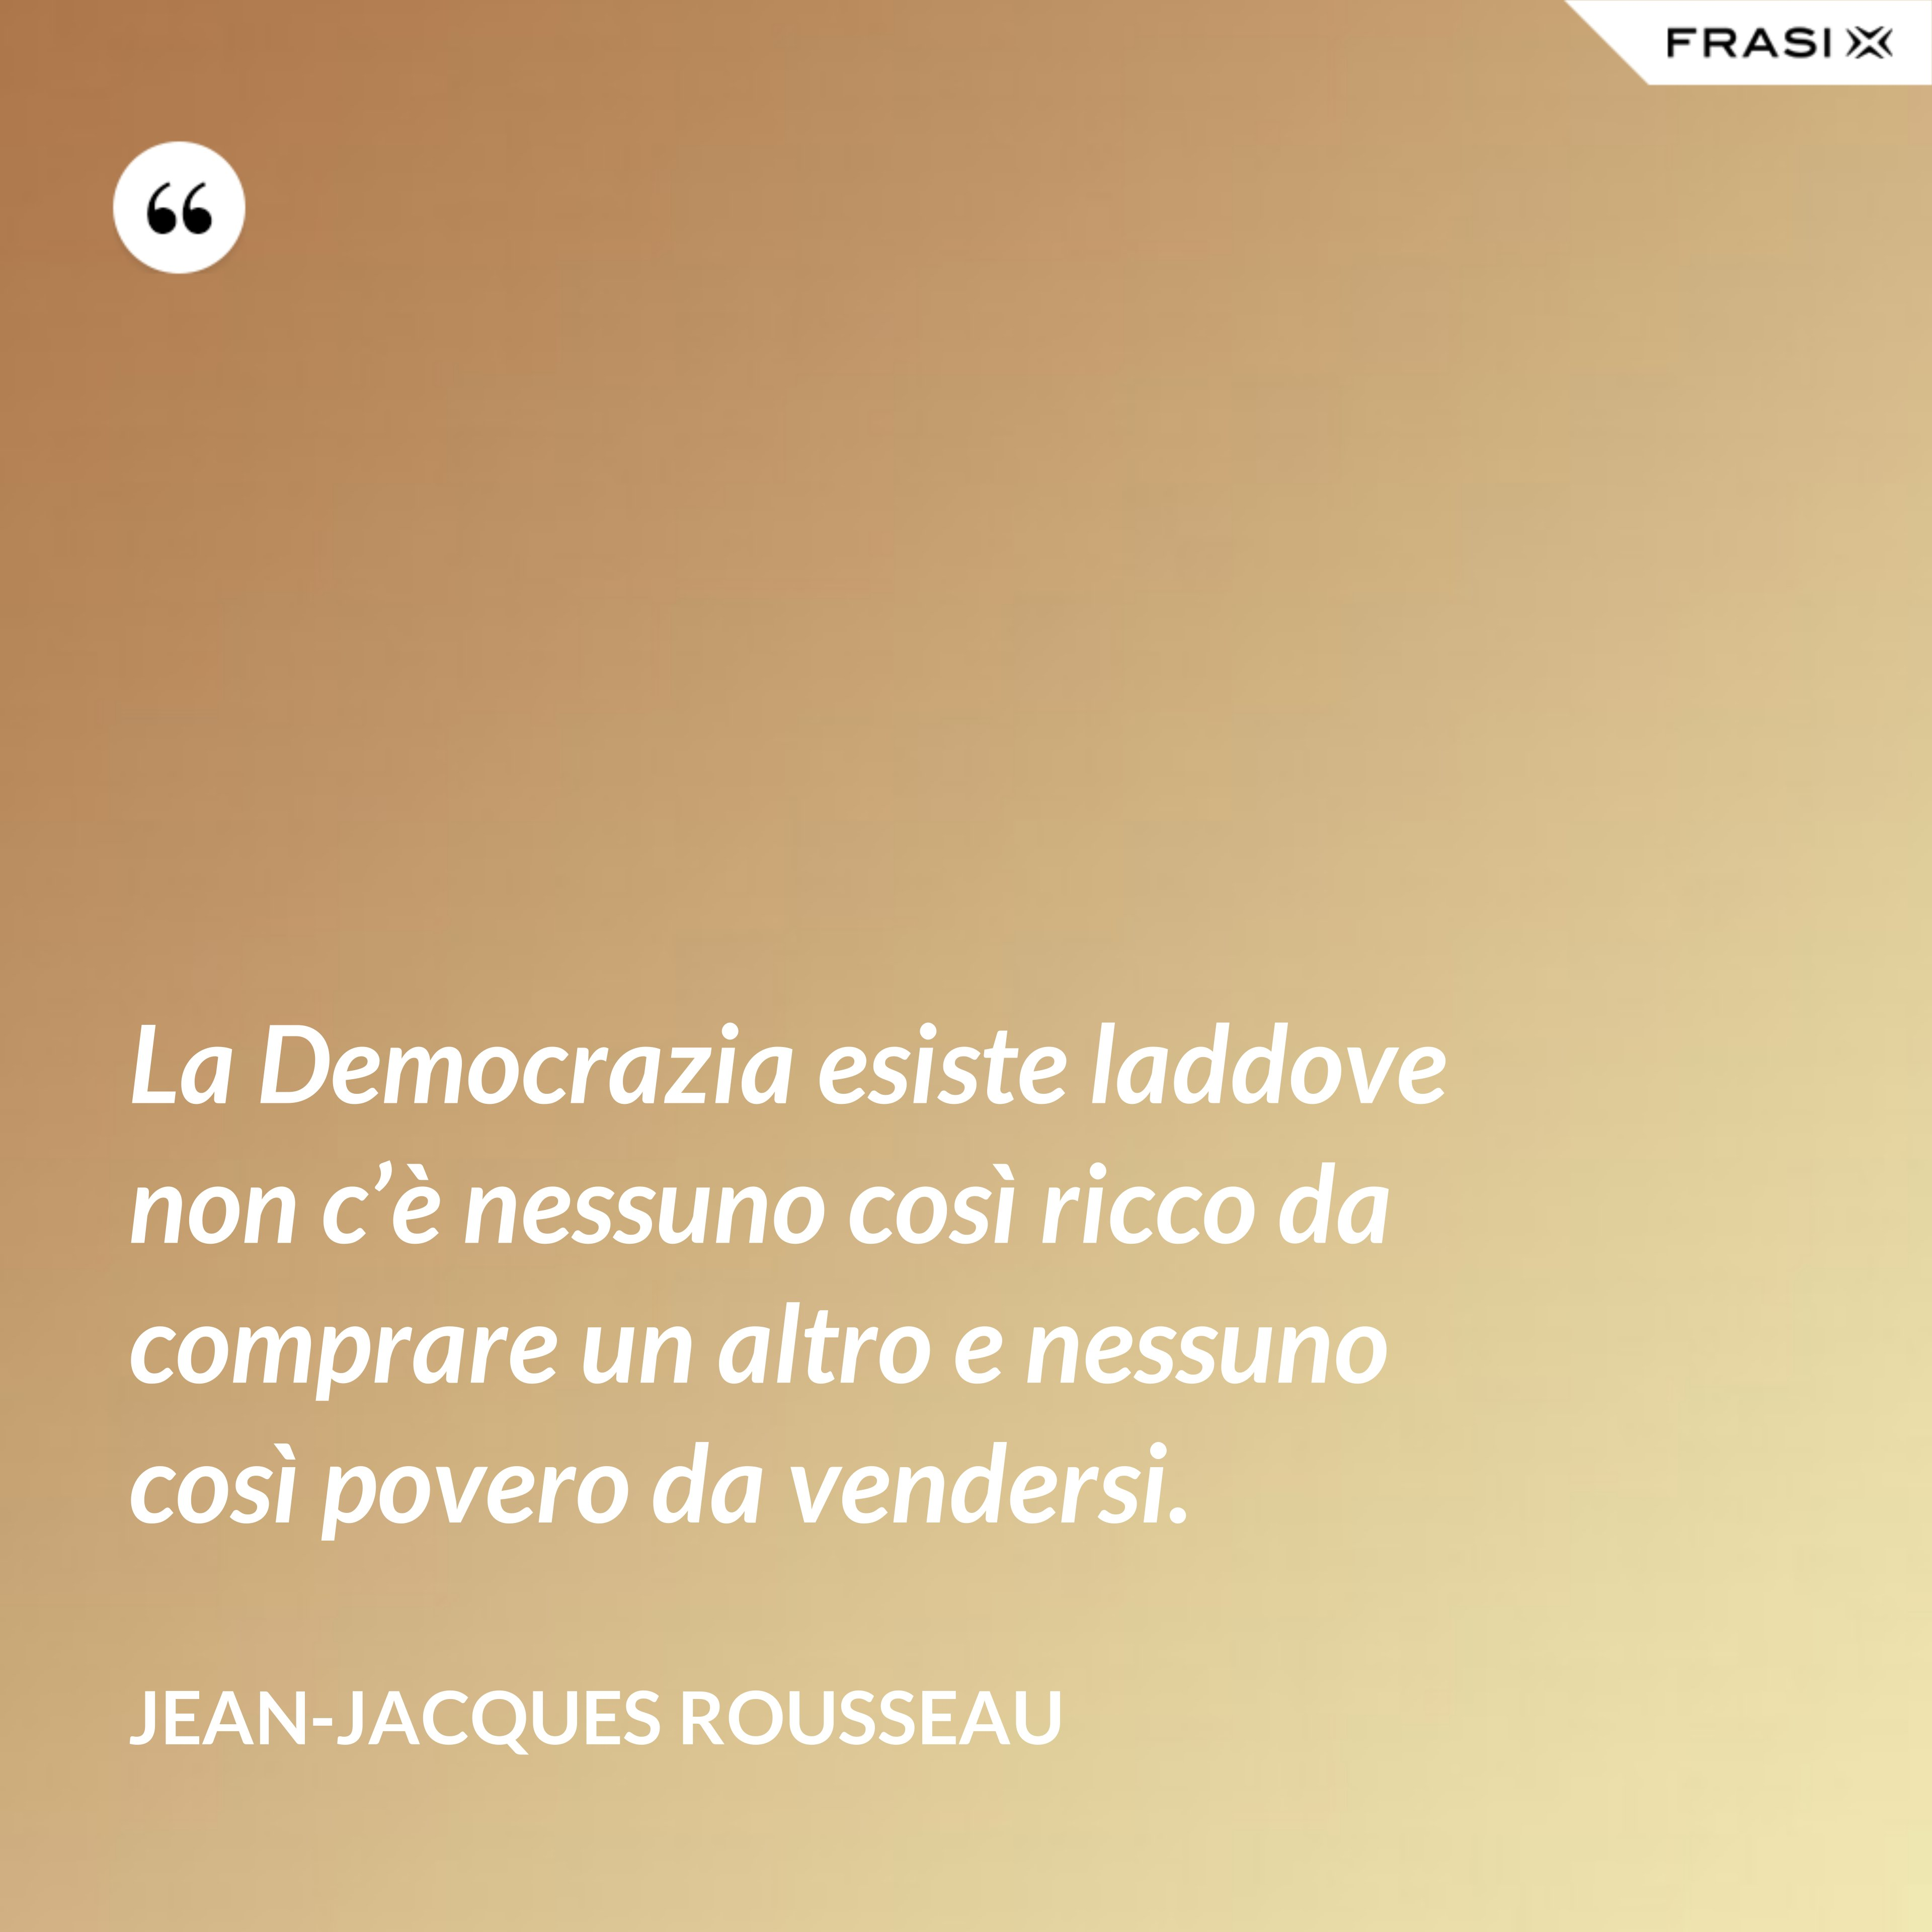 La Democrazia esiste laddove non c'è nessuno così ricco da comprare un altro e nessuno così povero da vendersi. - Jean-Jacques Rousseau